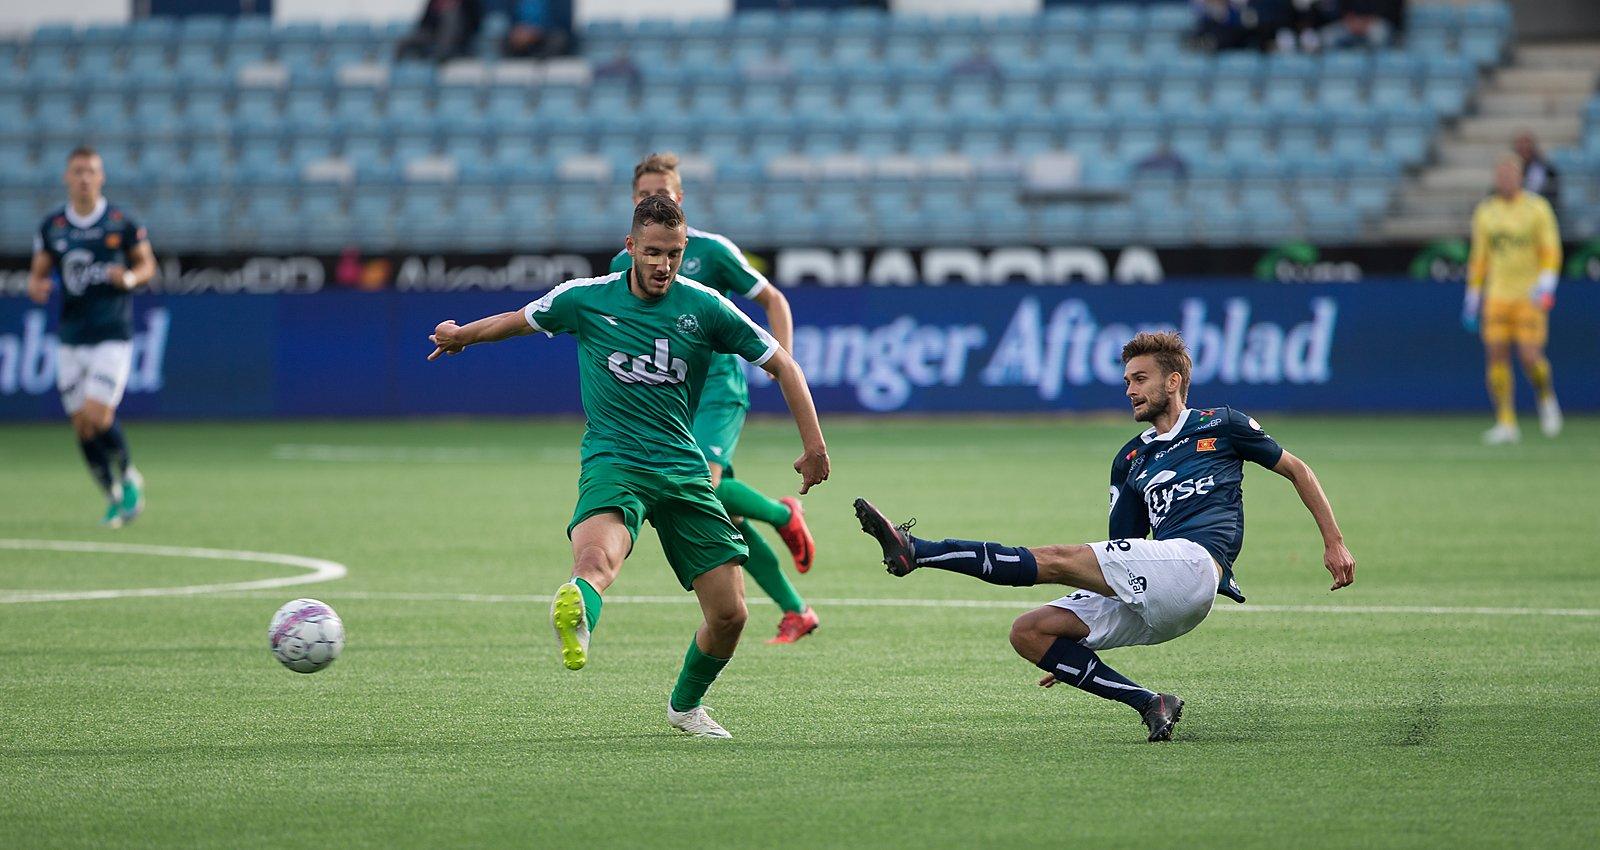 Viking-  Nest Sotra. Johnny Furdal får levert pasning. Foto: Tore Fjermestad